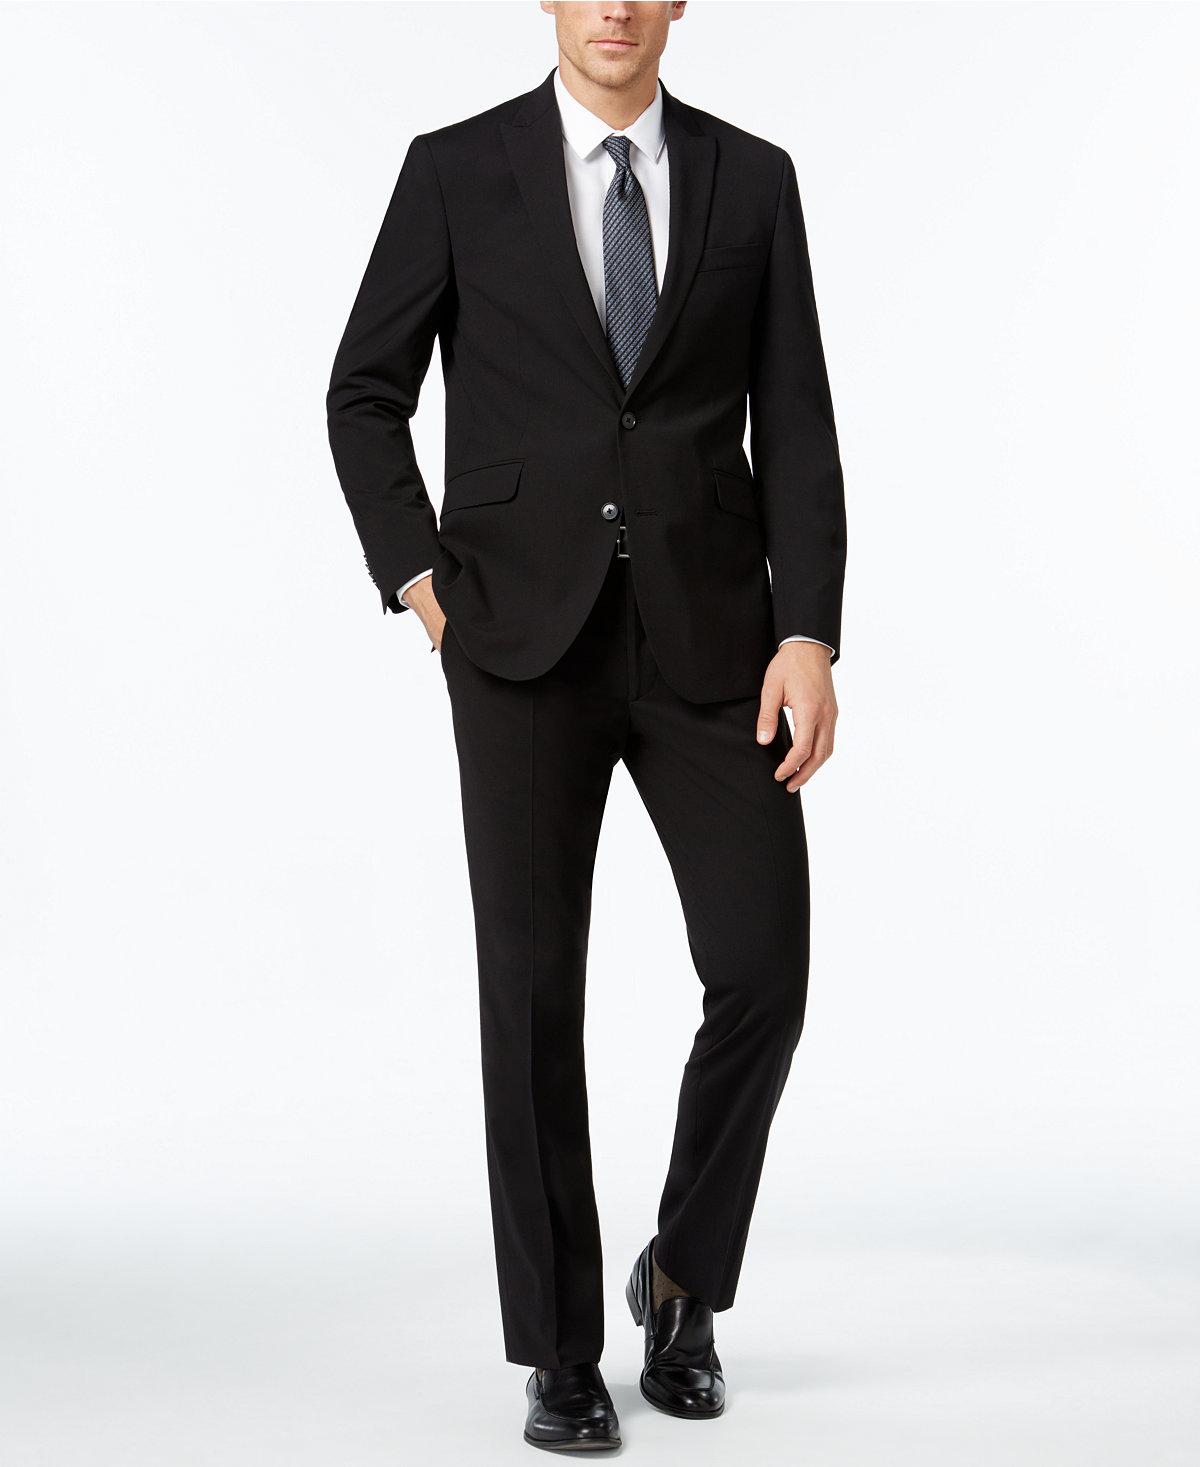 Kenneth Cole Reaction Men's Slim-Fit Black Tonal-Stripe Suit $83.36